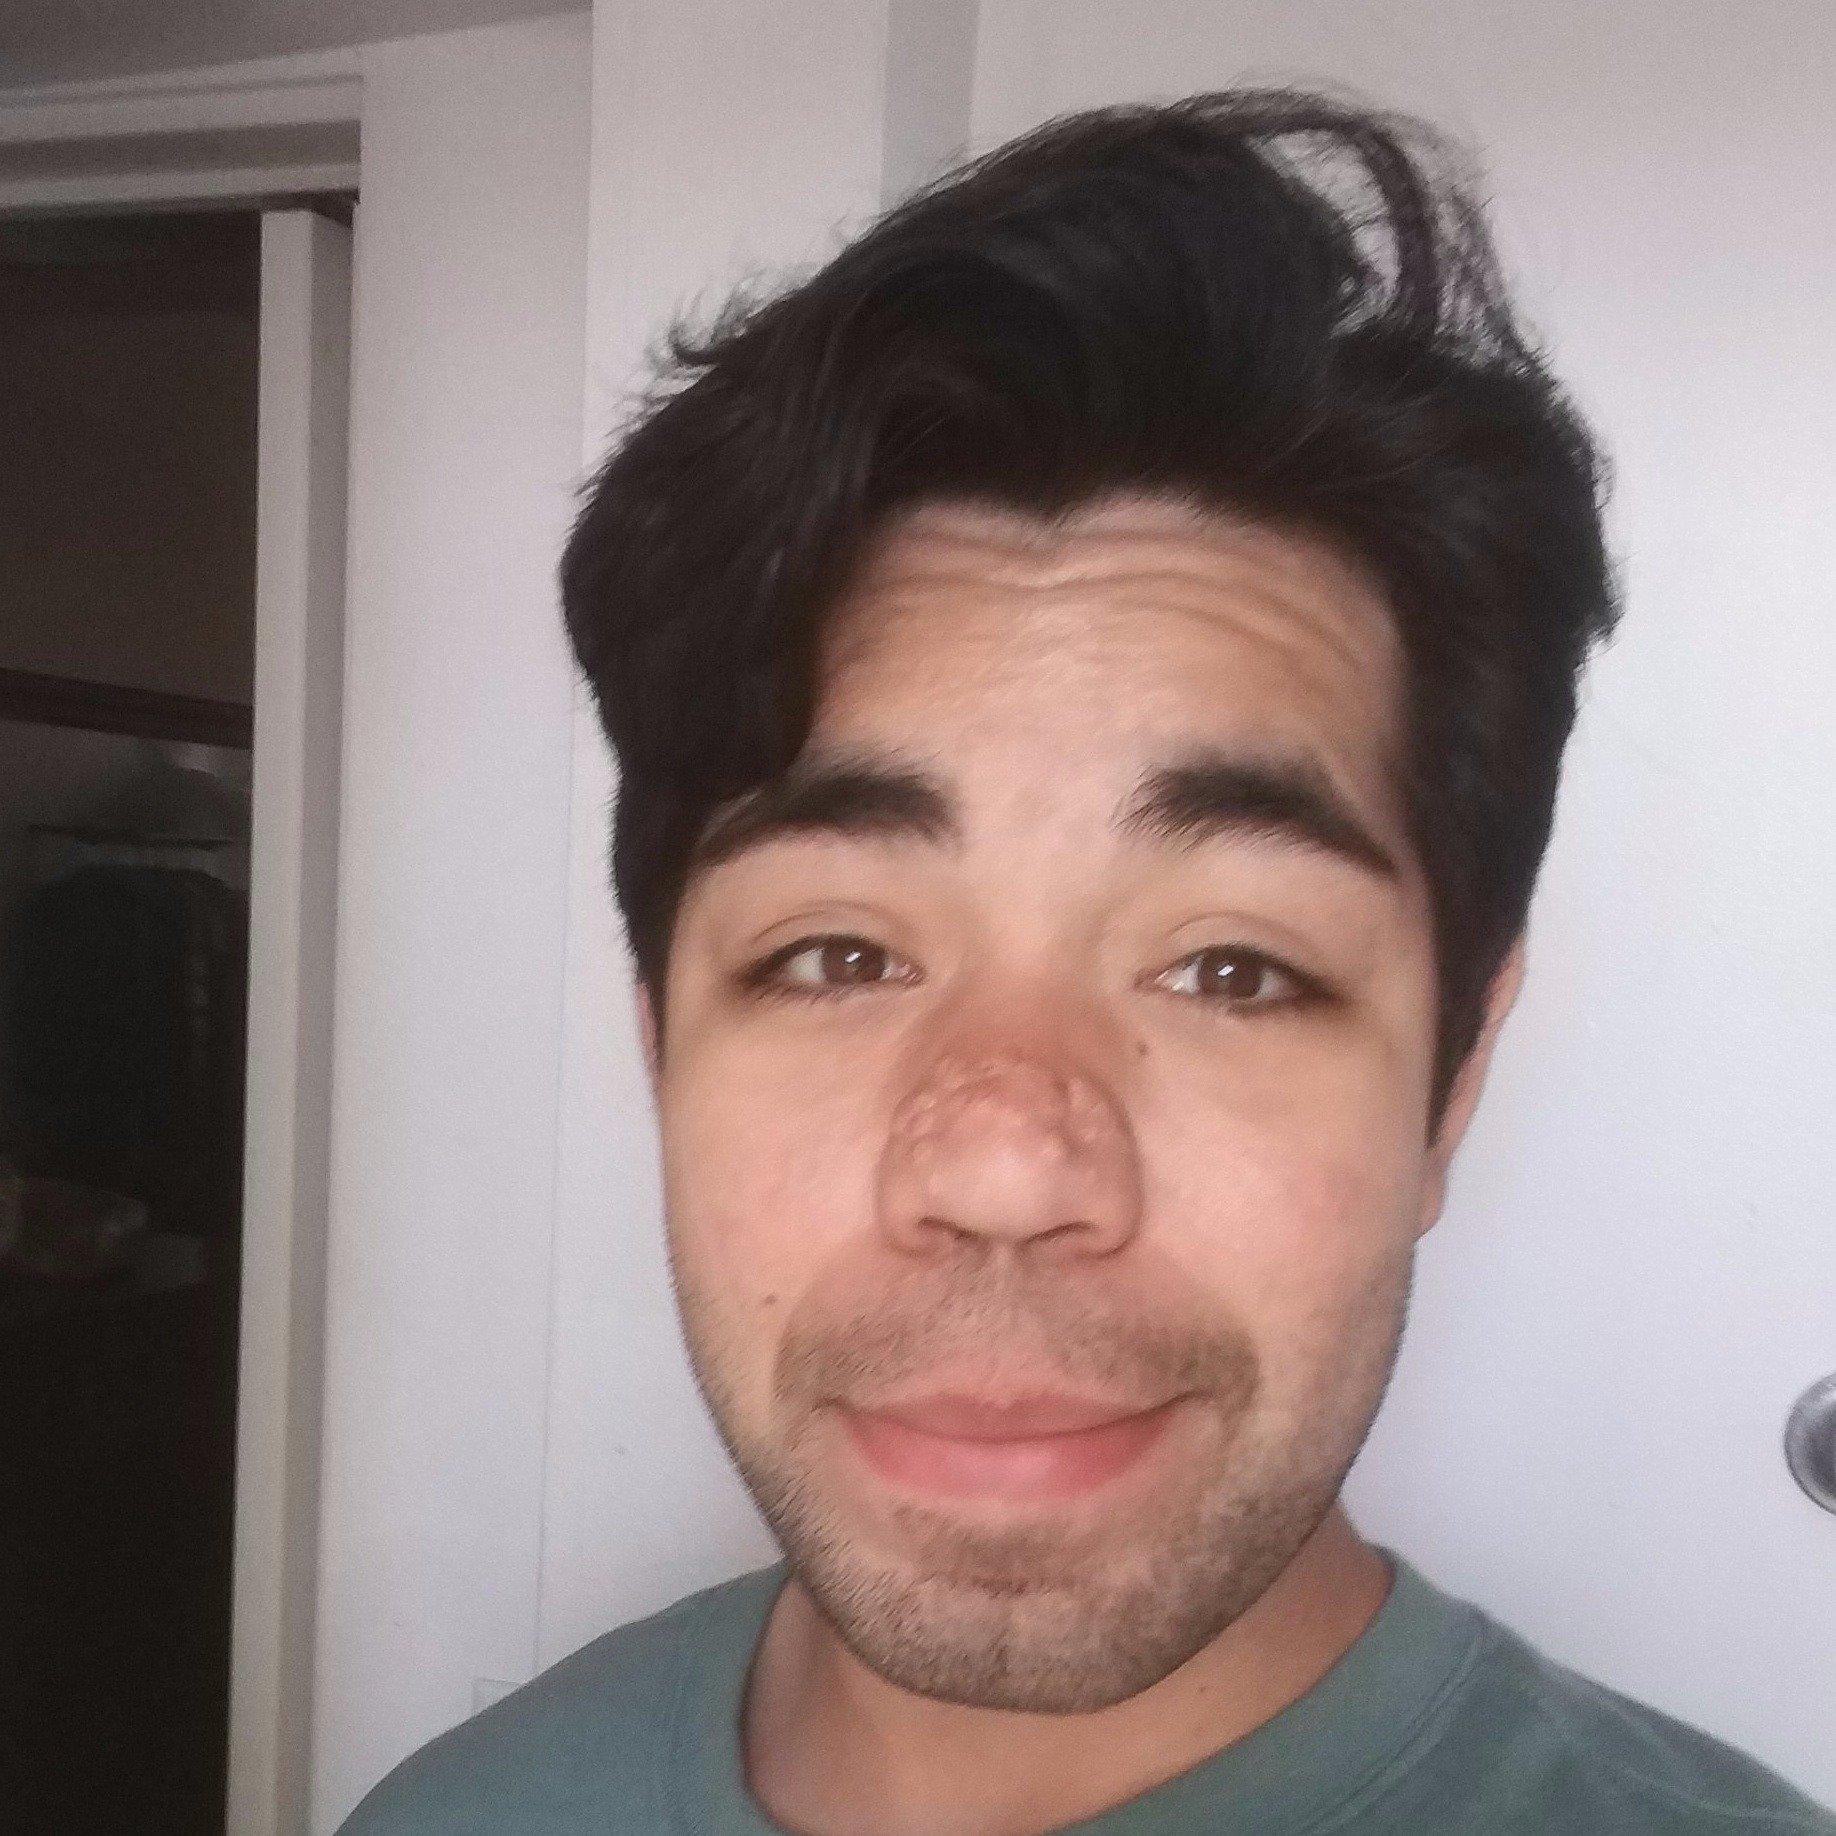 Hair stop facial